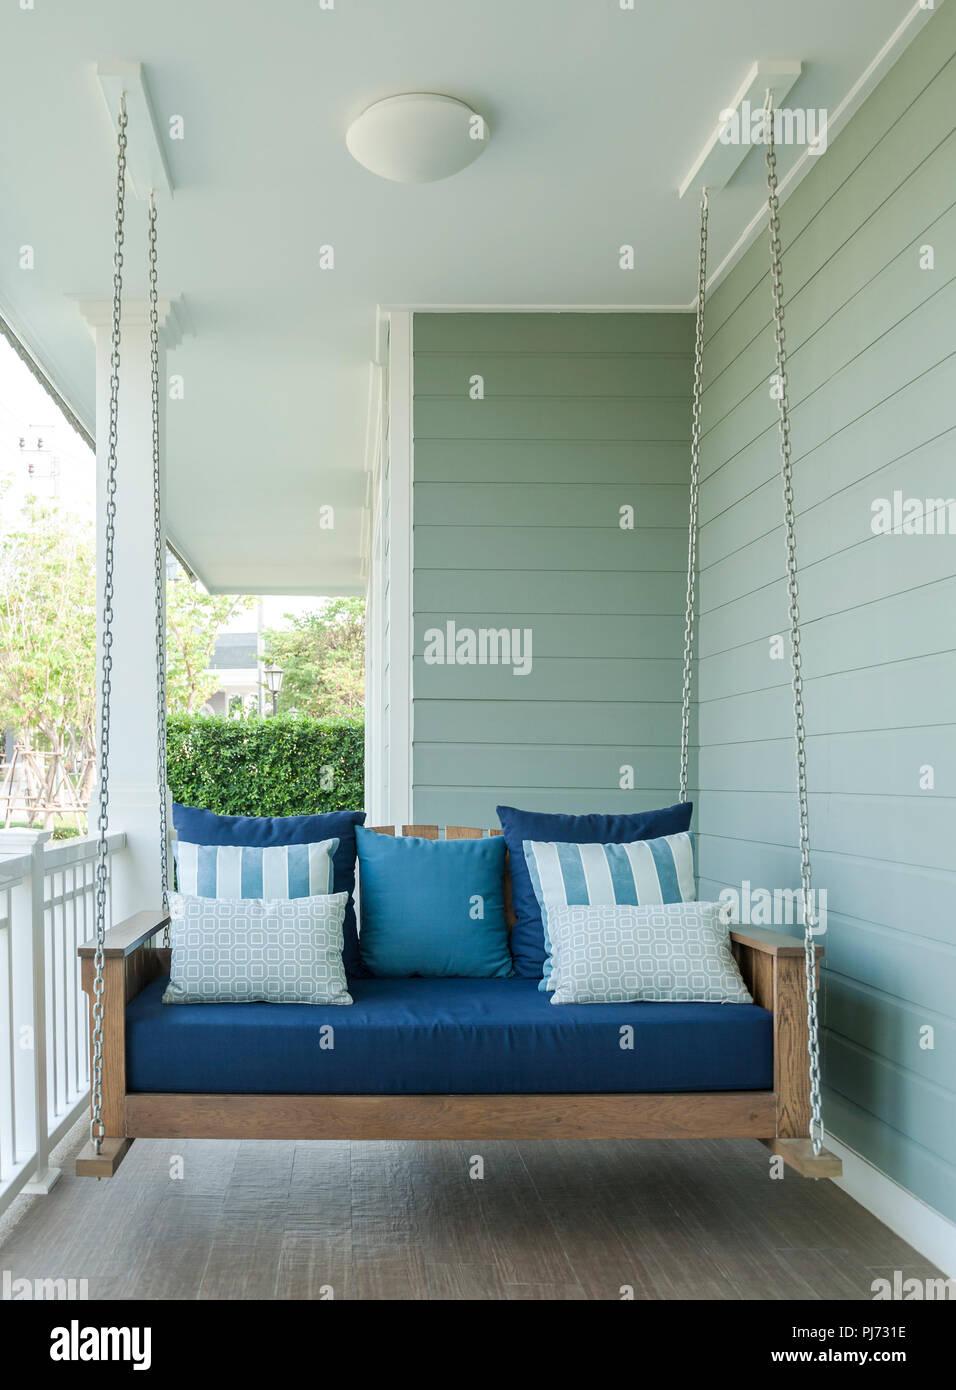 Terrasse Extérieure En Bois Balancelle Banc Avec Coussins Bleus